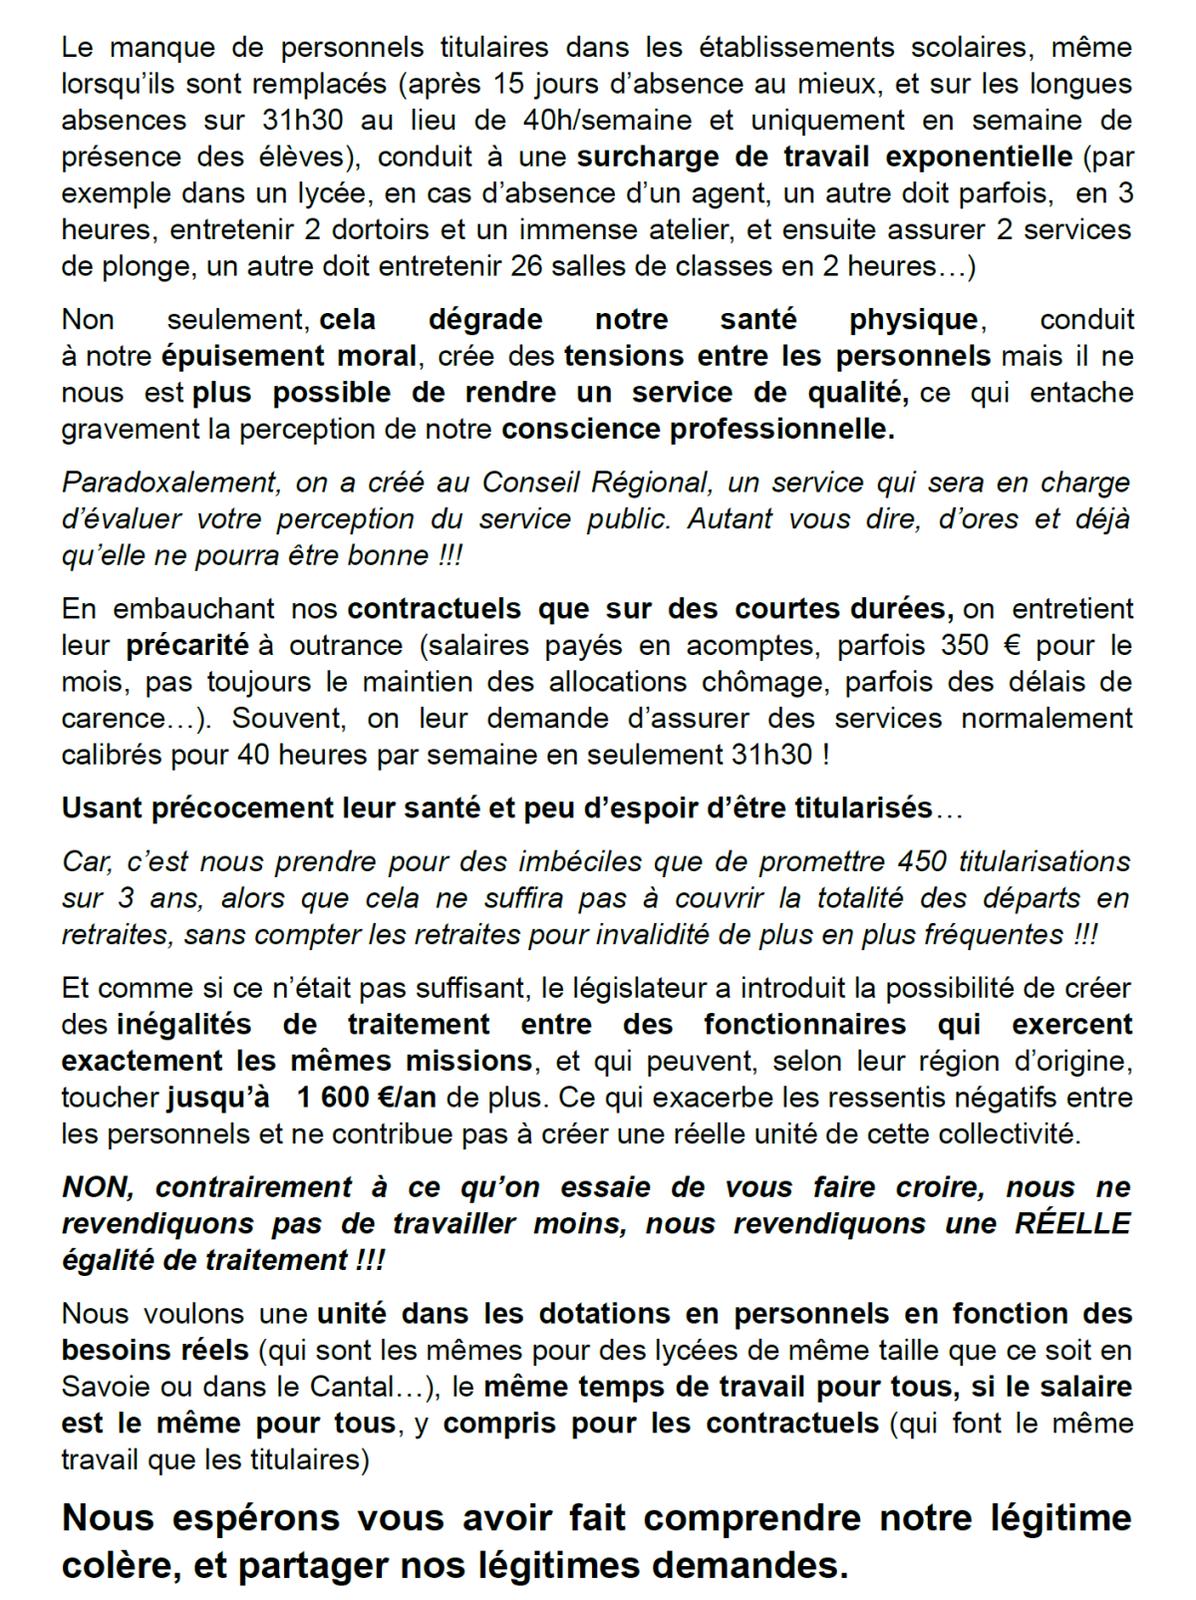 Grève des personnels techniques dans les lycées de la région Auvergne/Rhône/Alpes